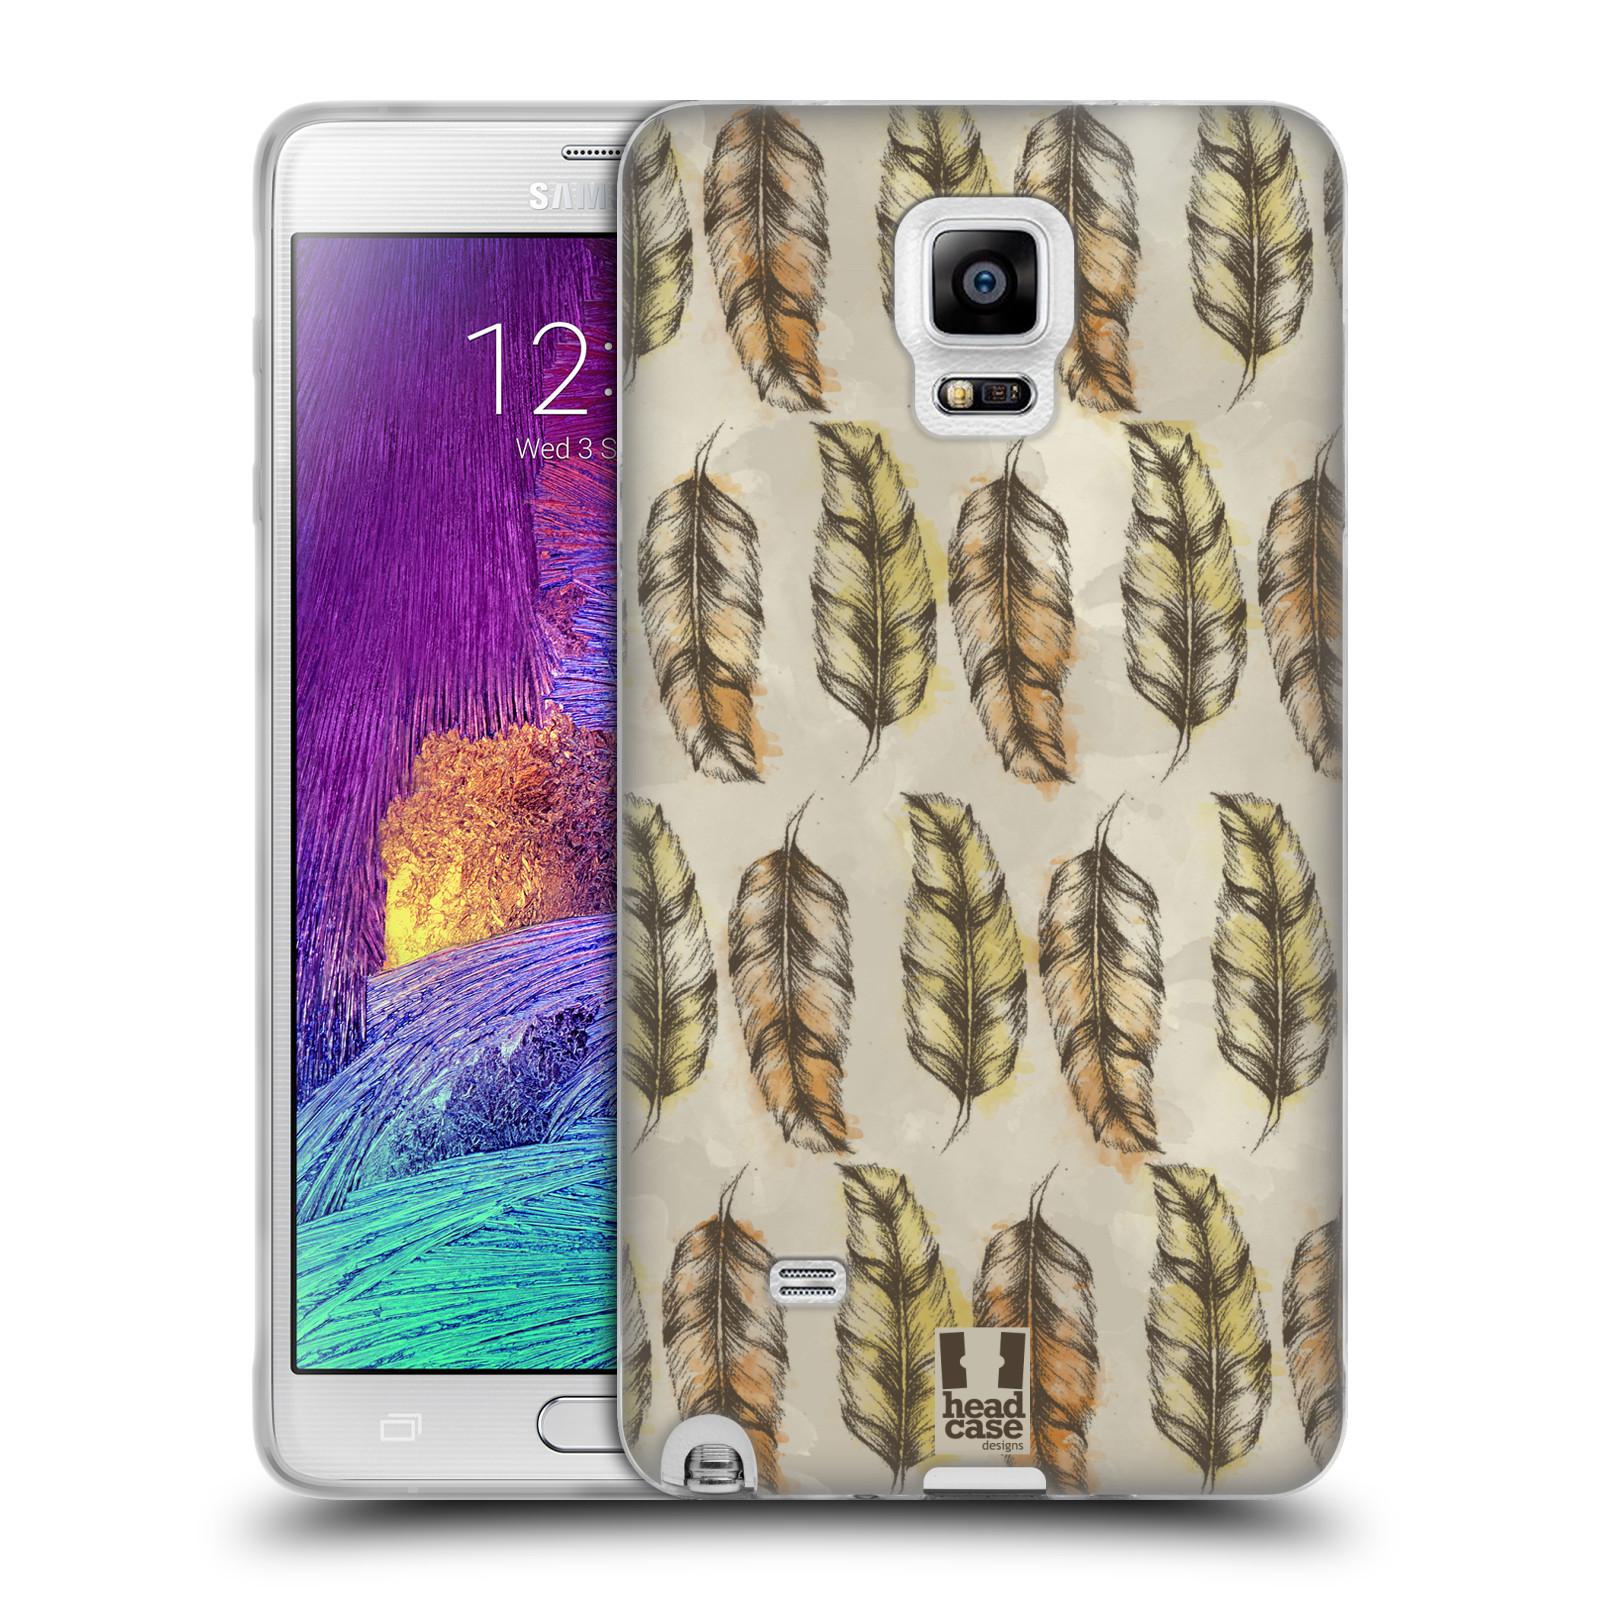 Silikonové pouzdro na mobil Samsung Galaxy Note 4 - Head Case - Bohémská pírka (Silikonový kryt či obal na mobilní telefon s motivem Bohemian Soul pro Samsung Galaxy Note 4 SM-N910F)